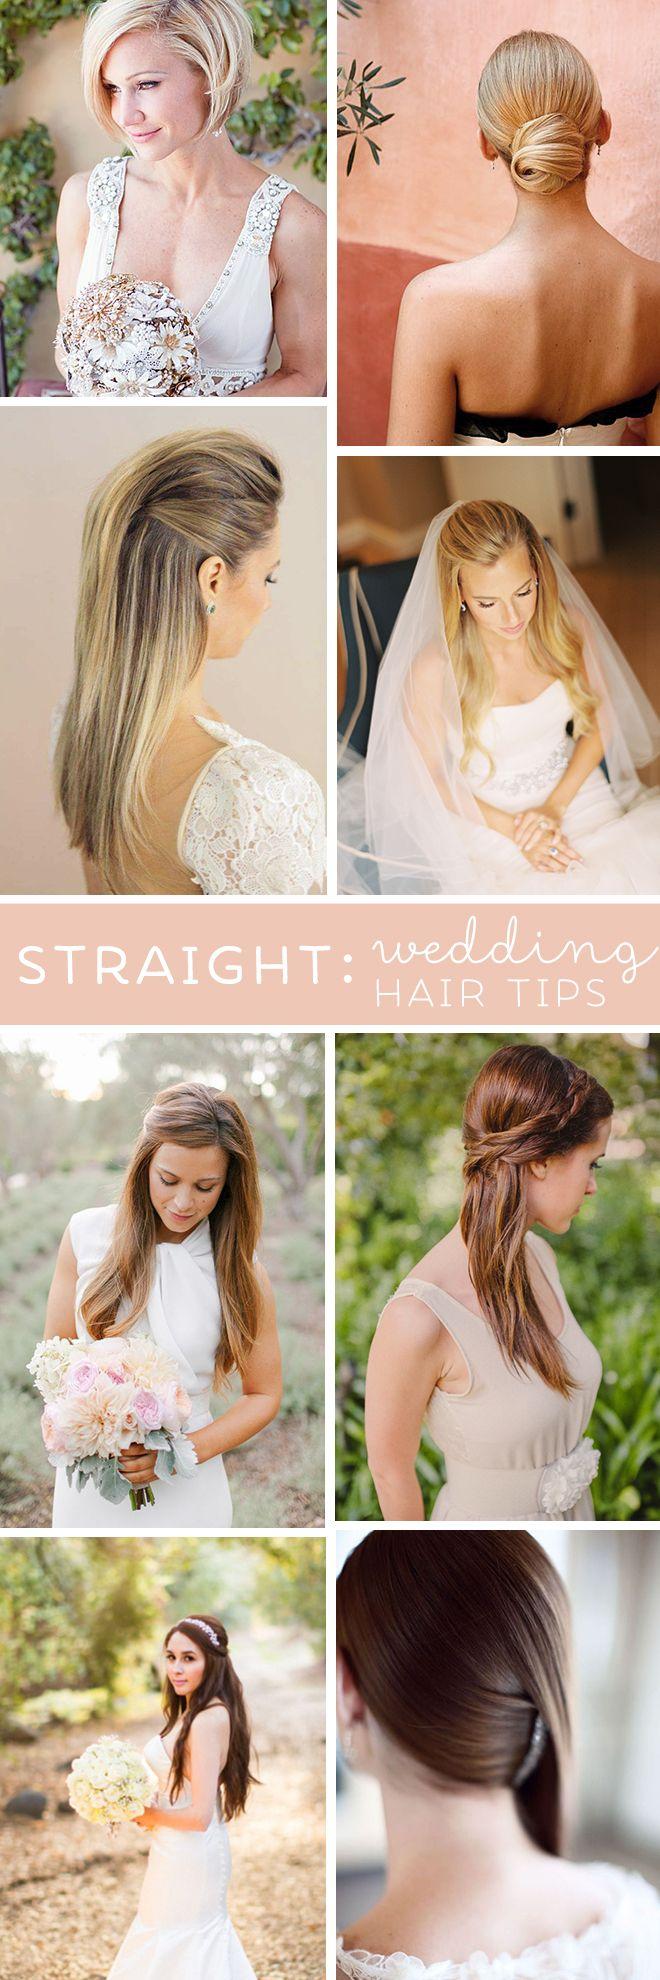 Strange 1000 Ideas About Straight Wedding Hairstyles On Pinterest Black Short Hairstyles Gunalazisus